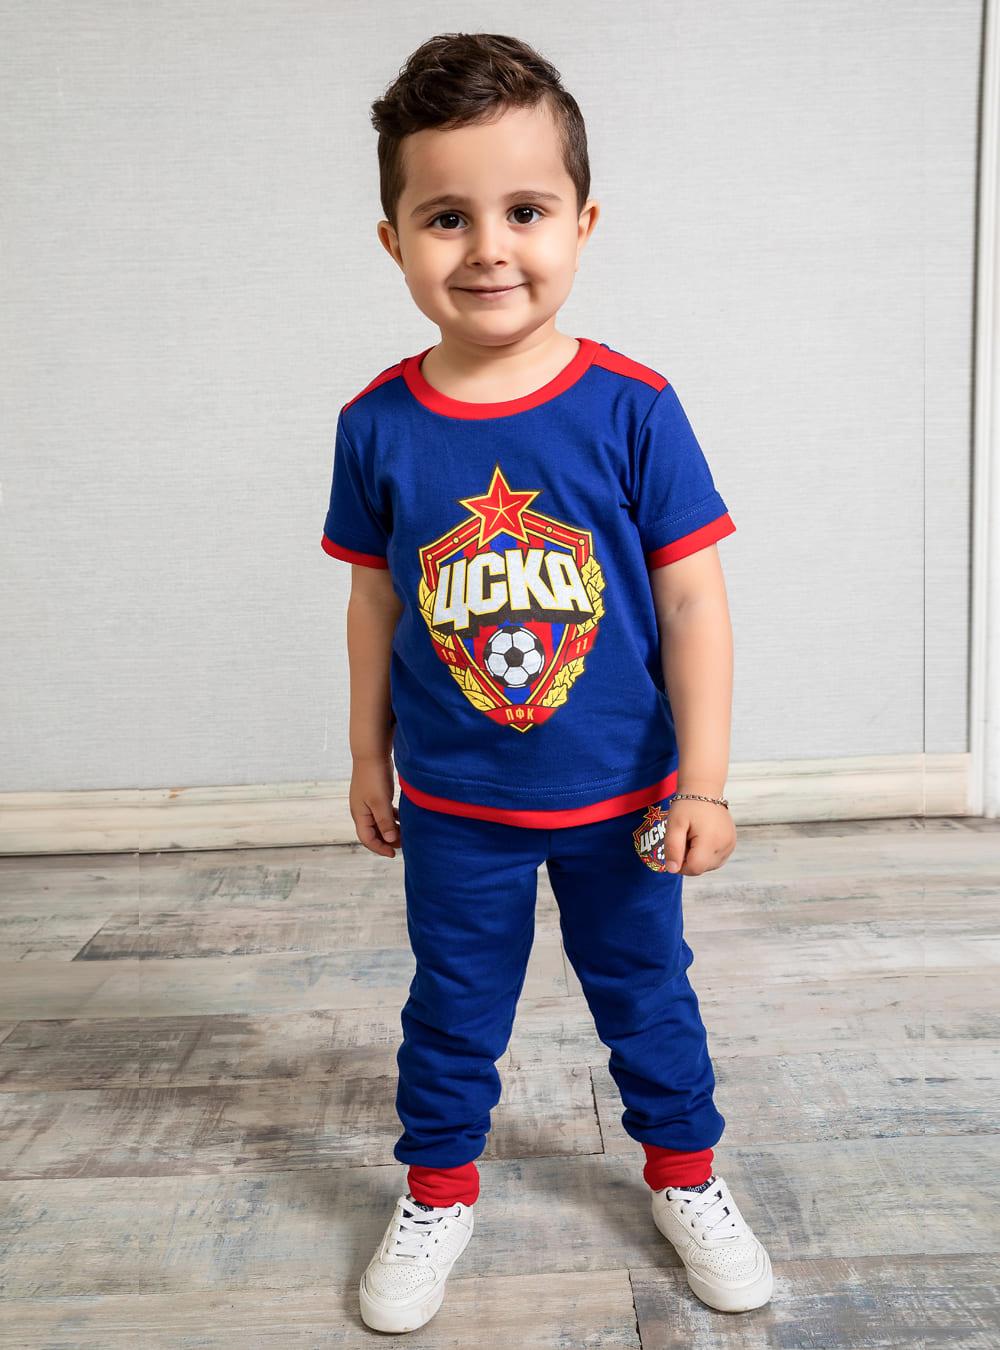 Футболка детская ЭМБЛЕМА, цвет синий (128) фото